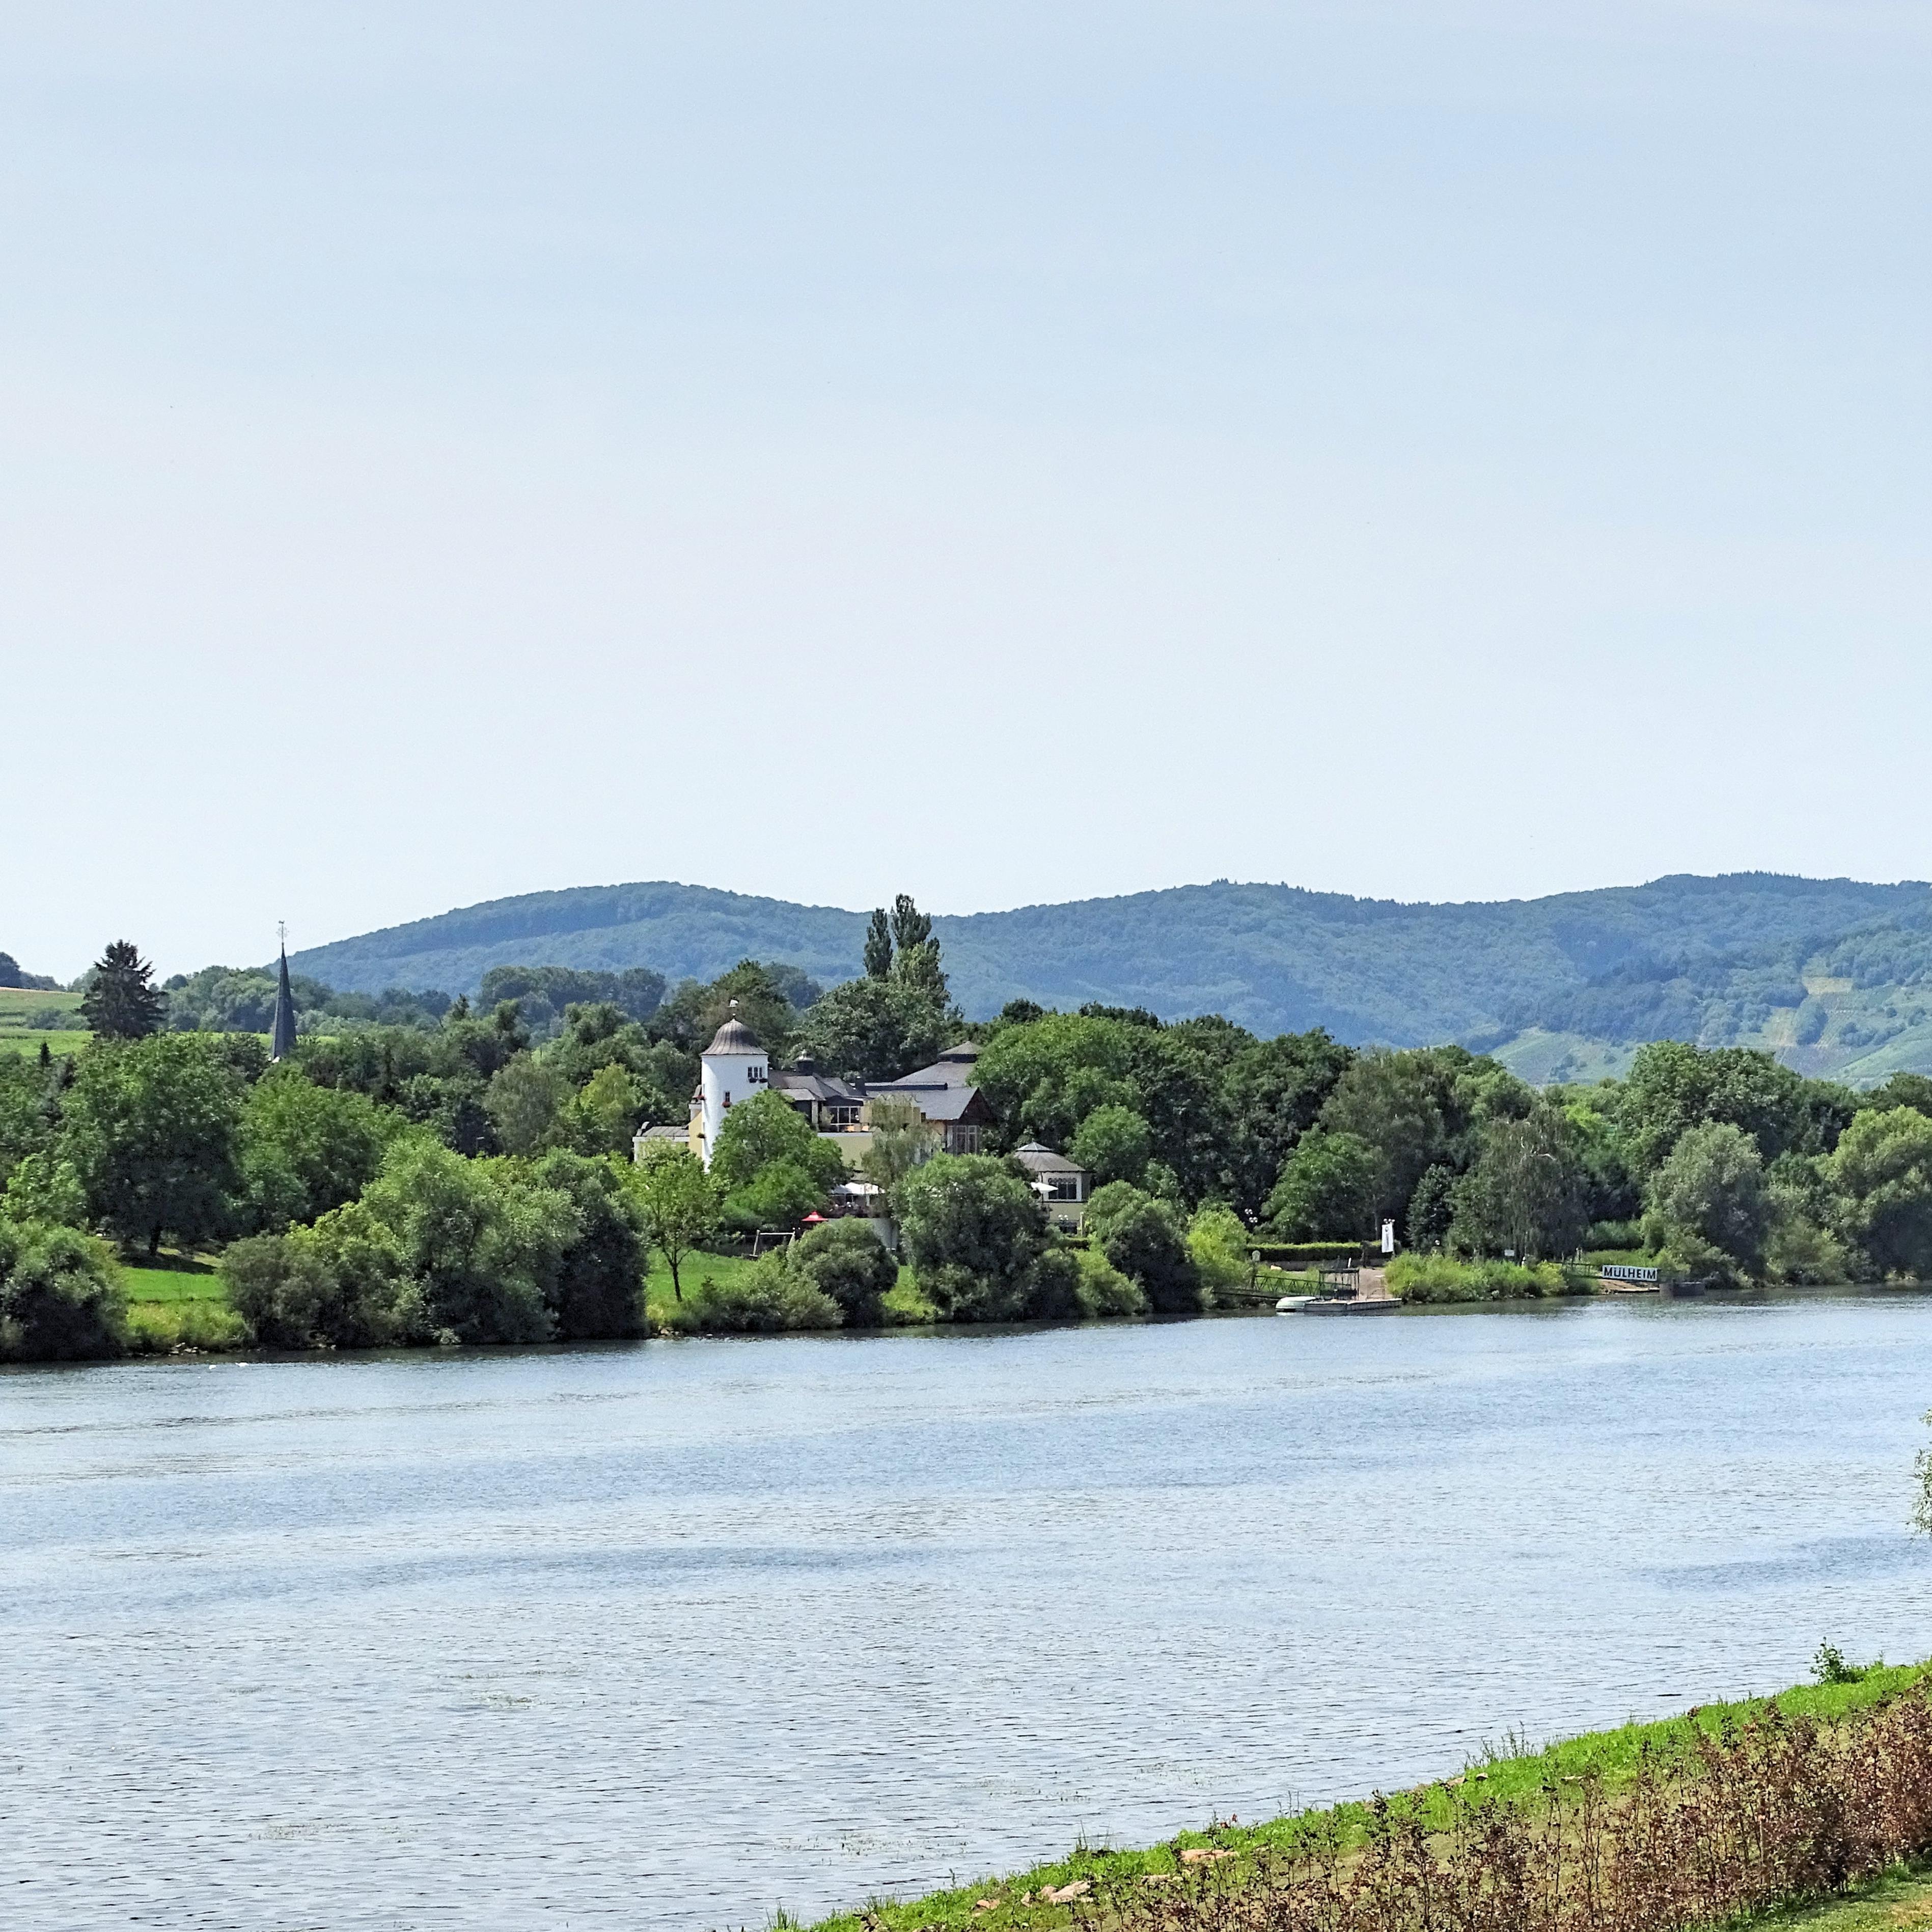 Lieser, Rheinland-Pfalz